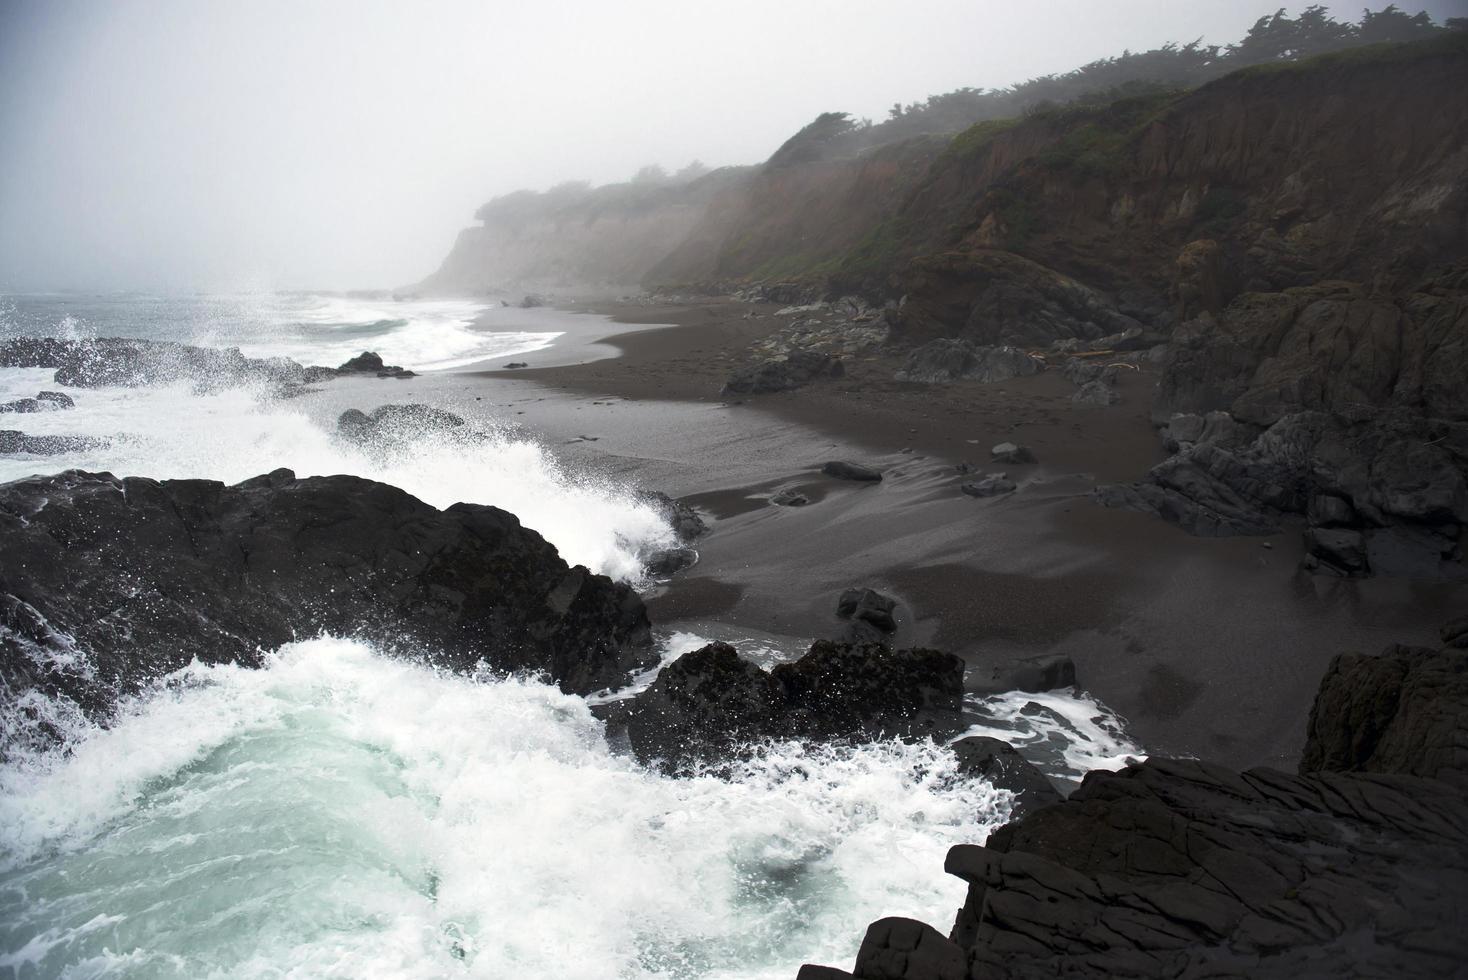 olas chapoteando en la orilla del mar foto